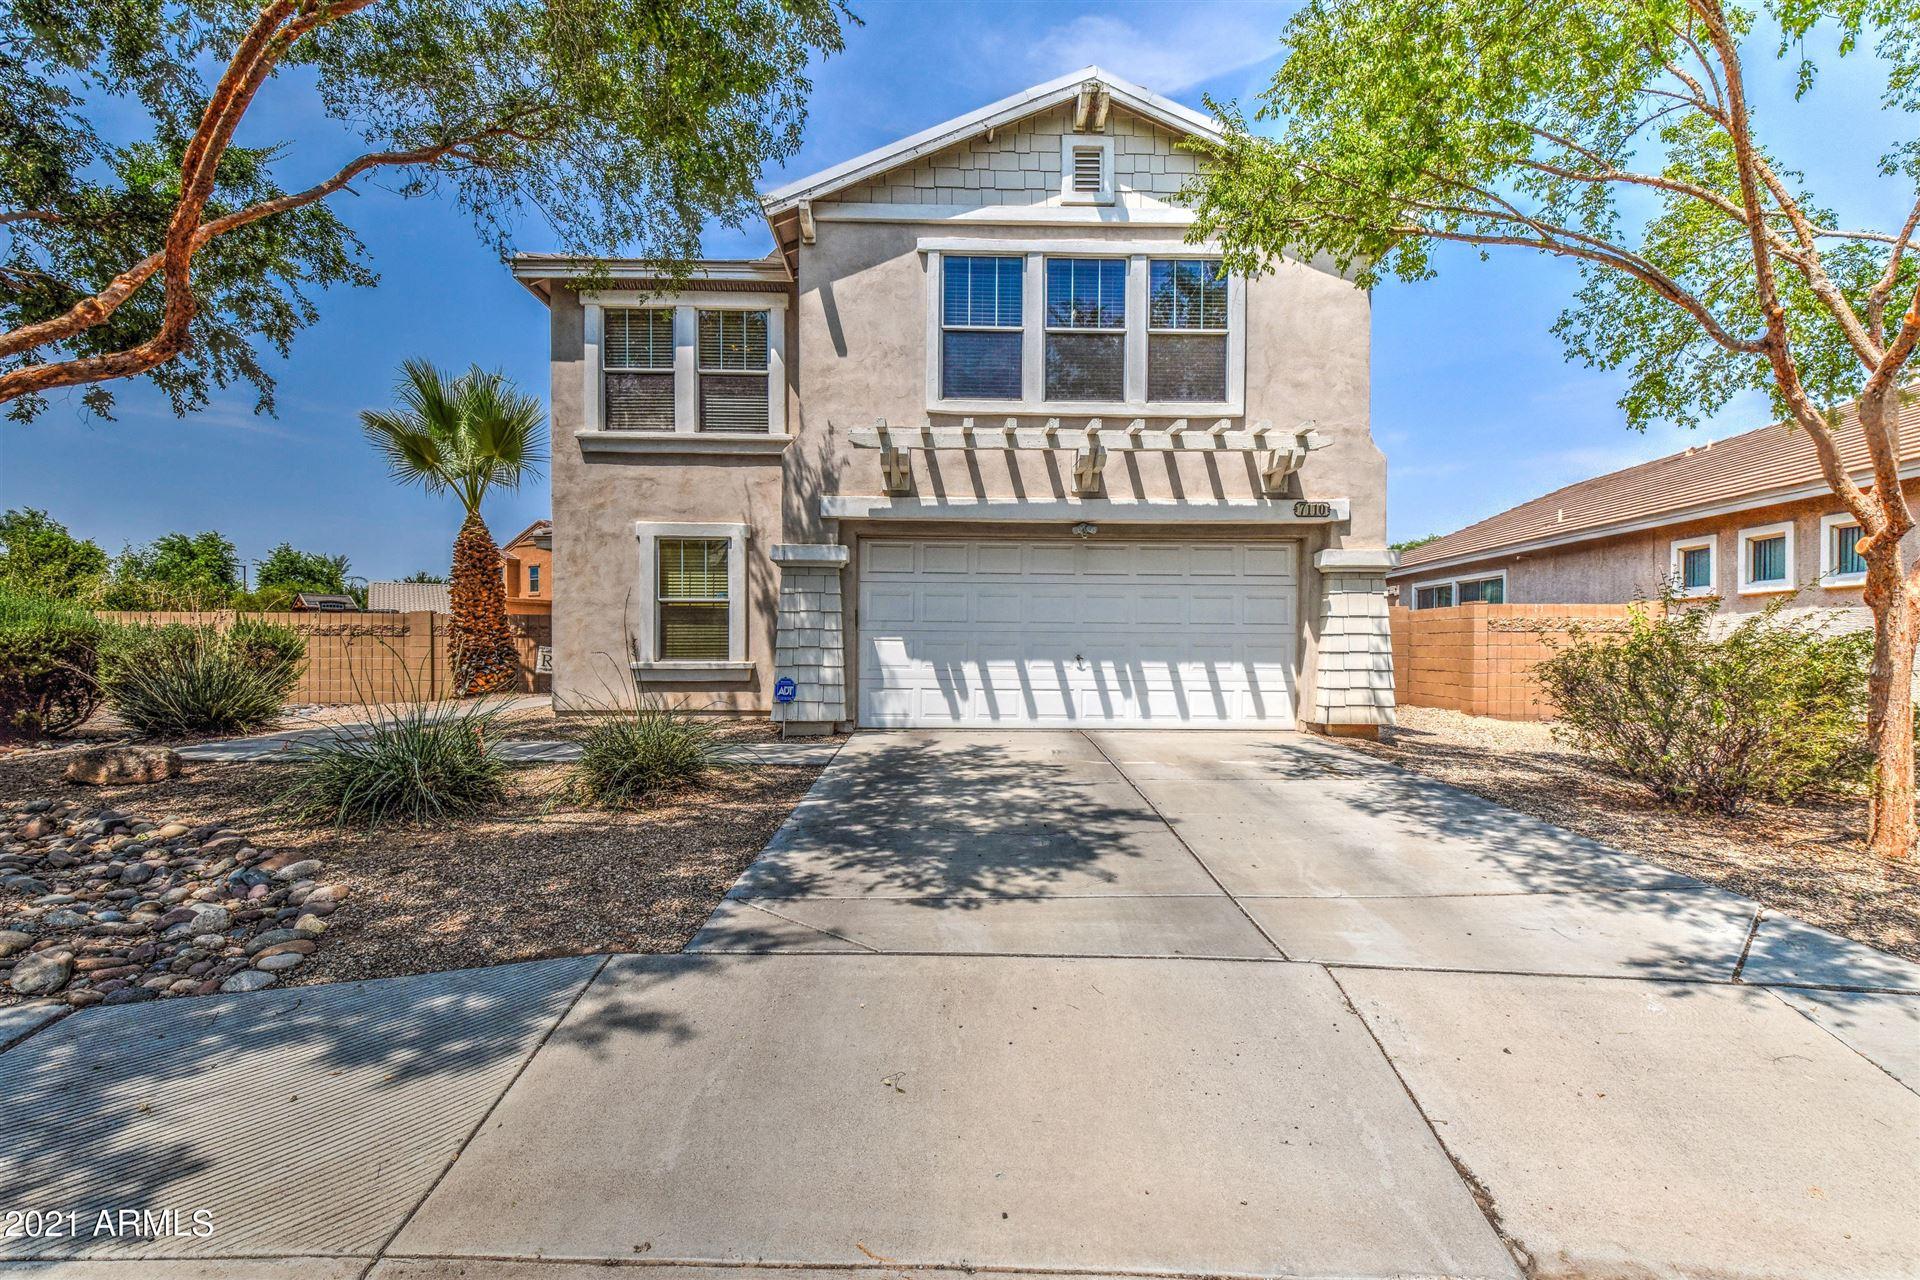 Photo of 7110 N 72ND Avenue, Glendale, AZ 85303 (MLS # 6269079)